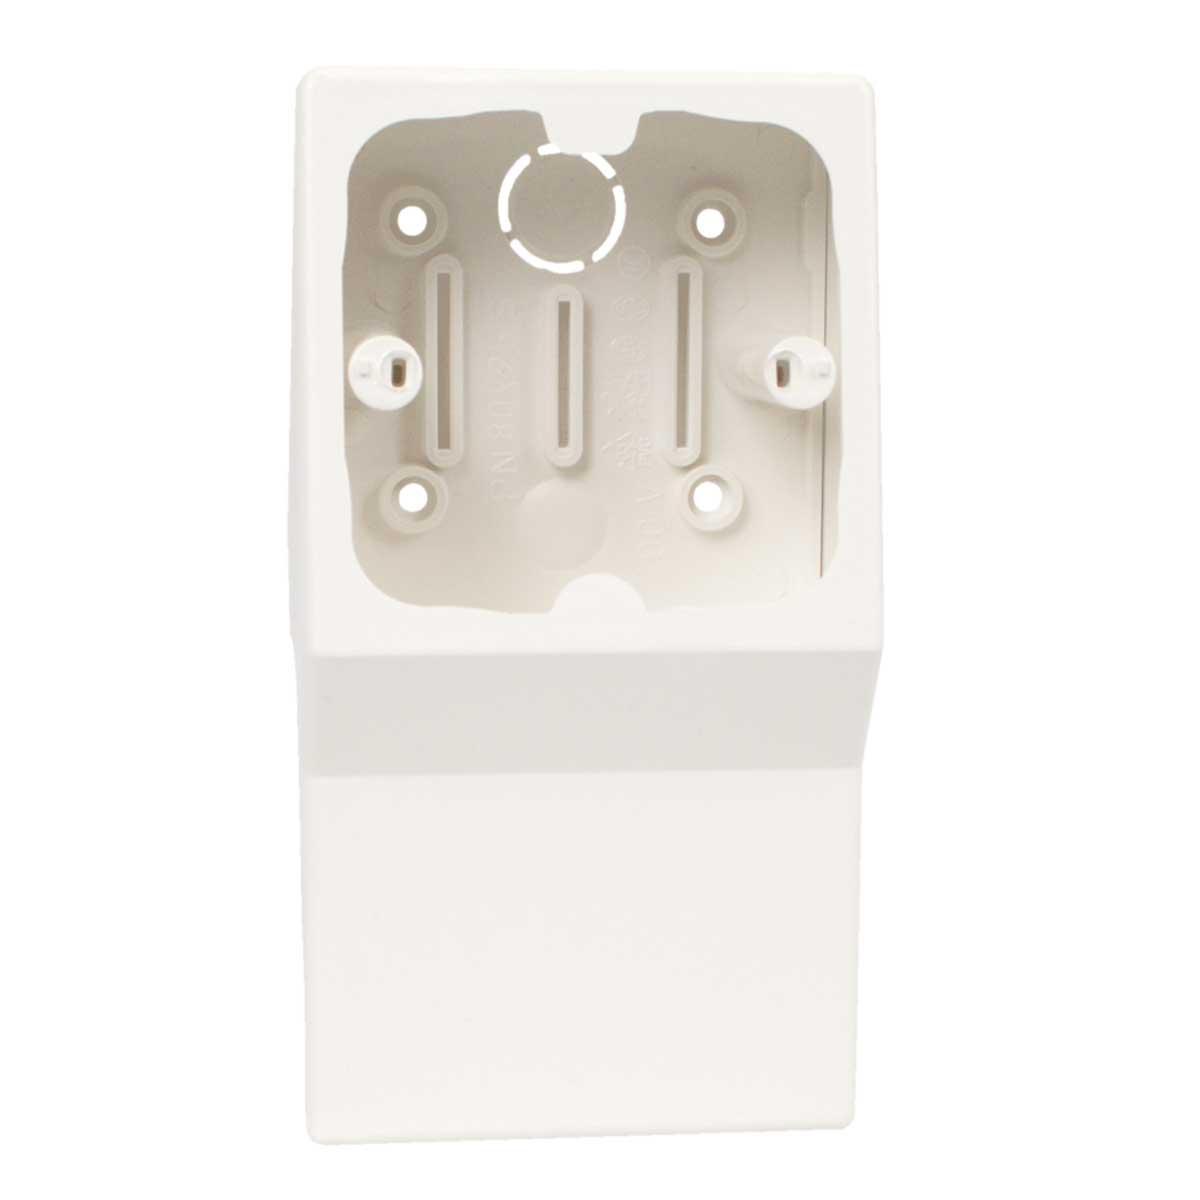 Приладовий носій для  кабельних каналів LP (LPK) 80x25